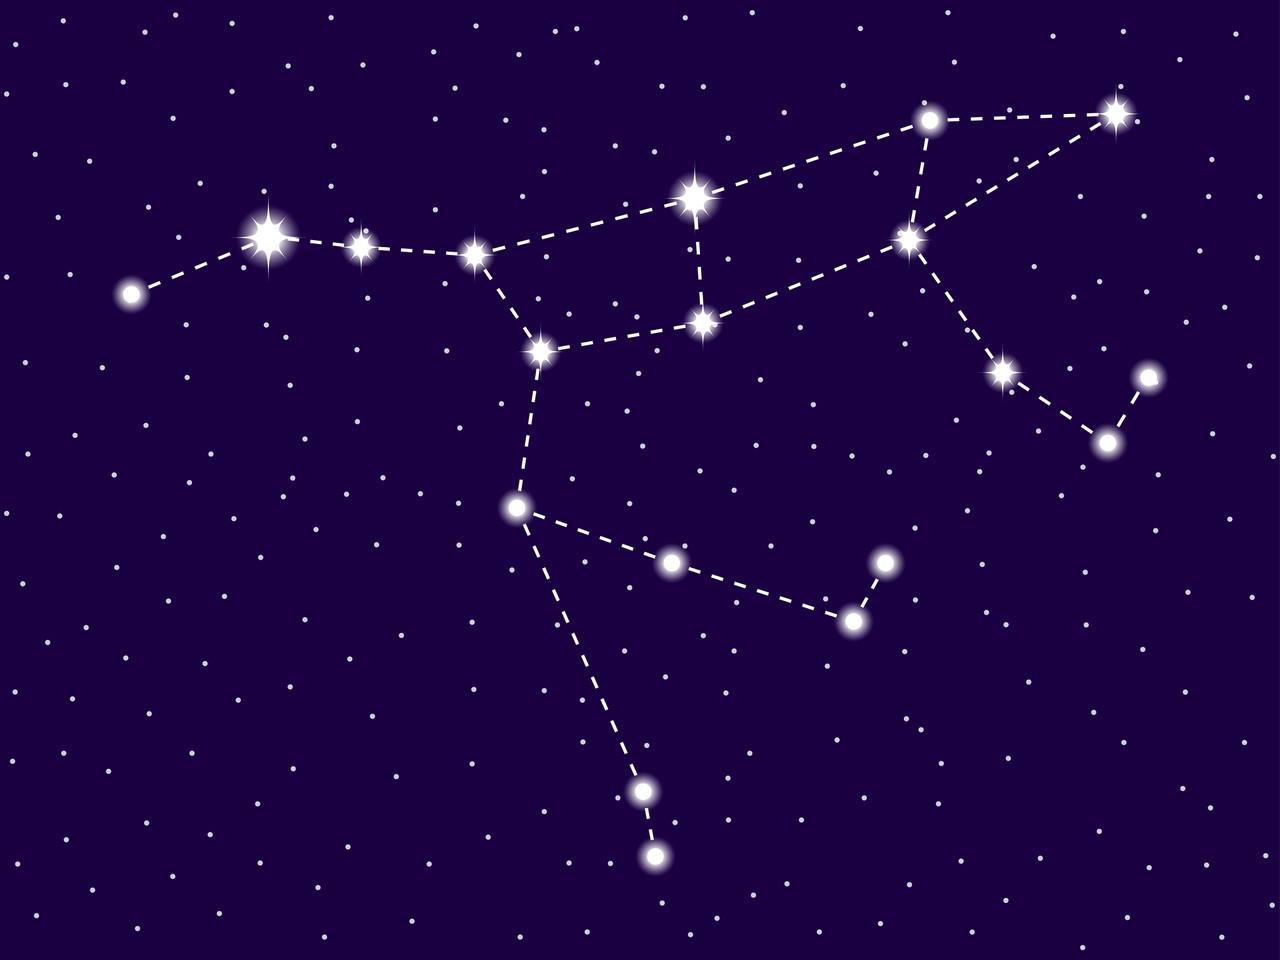 Sternzeichen Stier | Kirche Im Hr bestimmt für Bilder Sternzeichen Stier